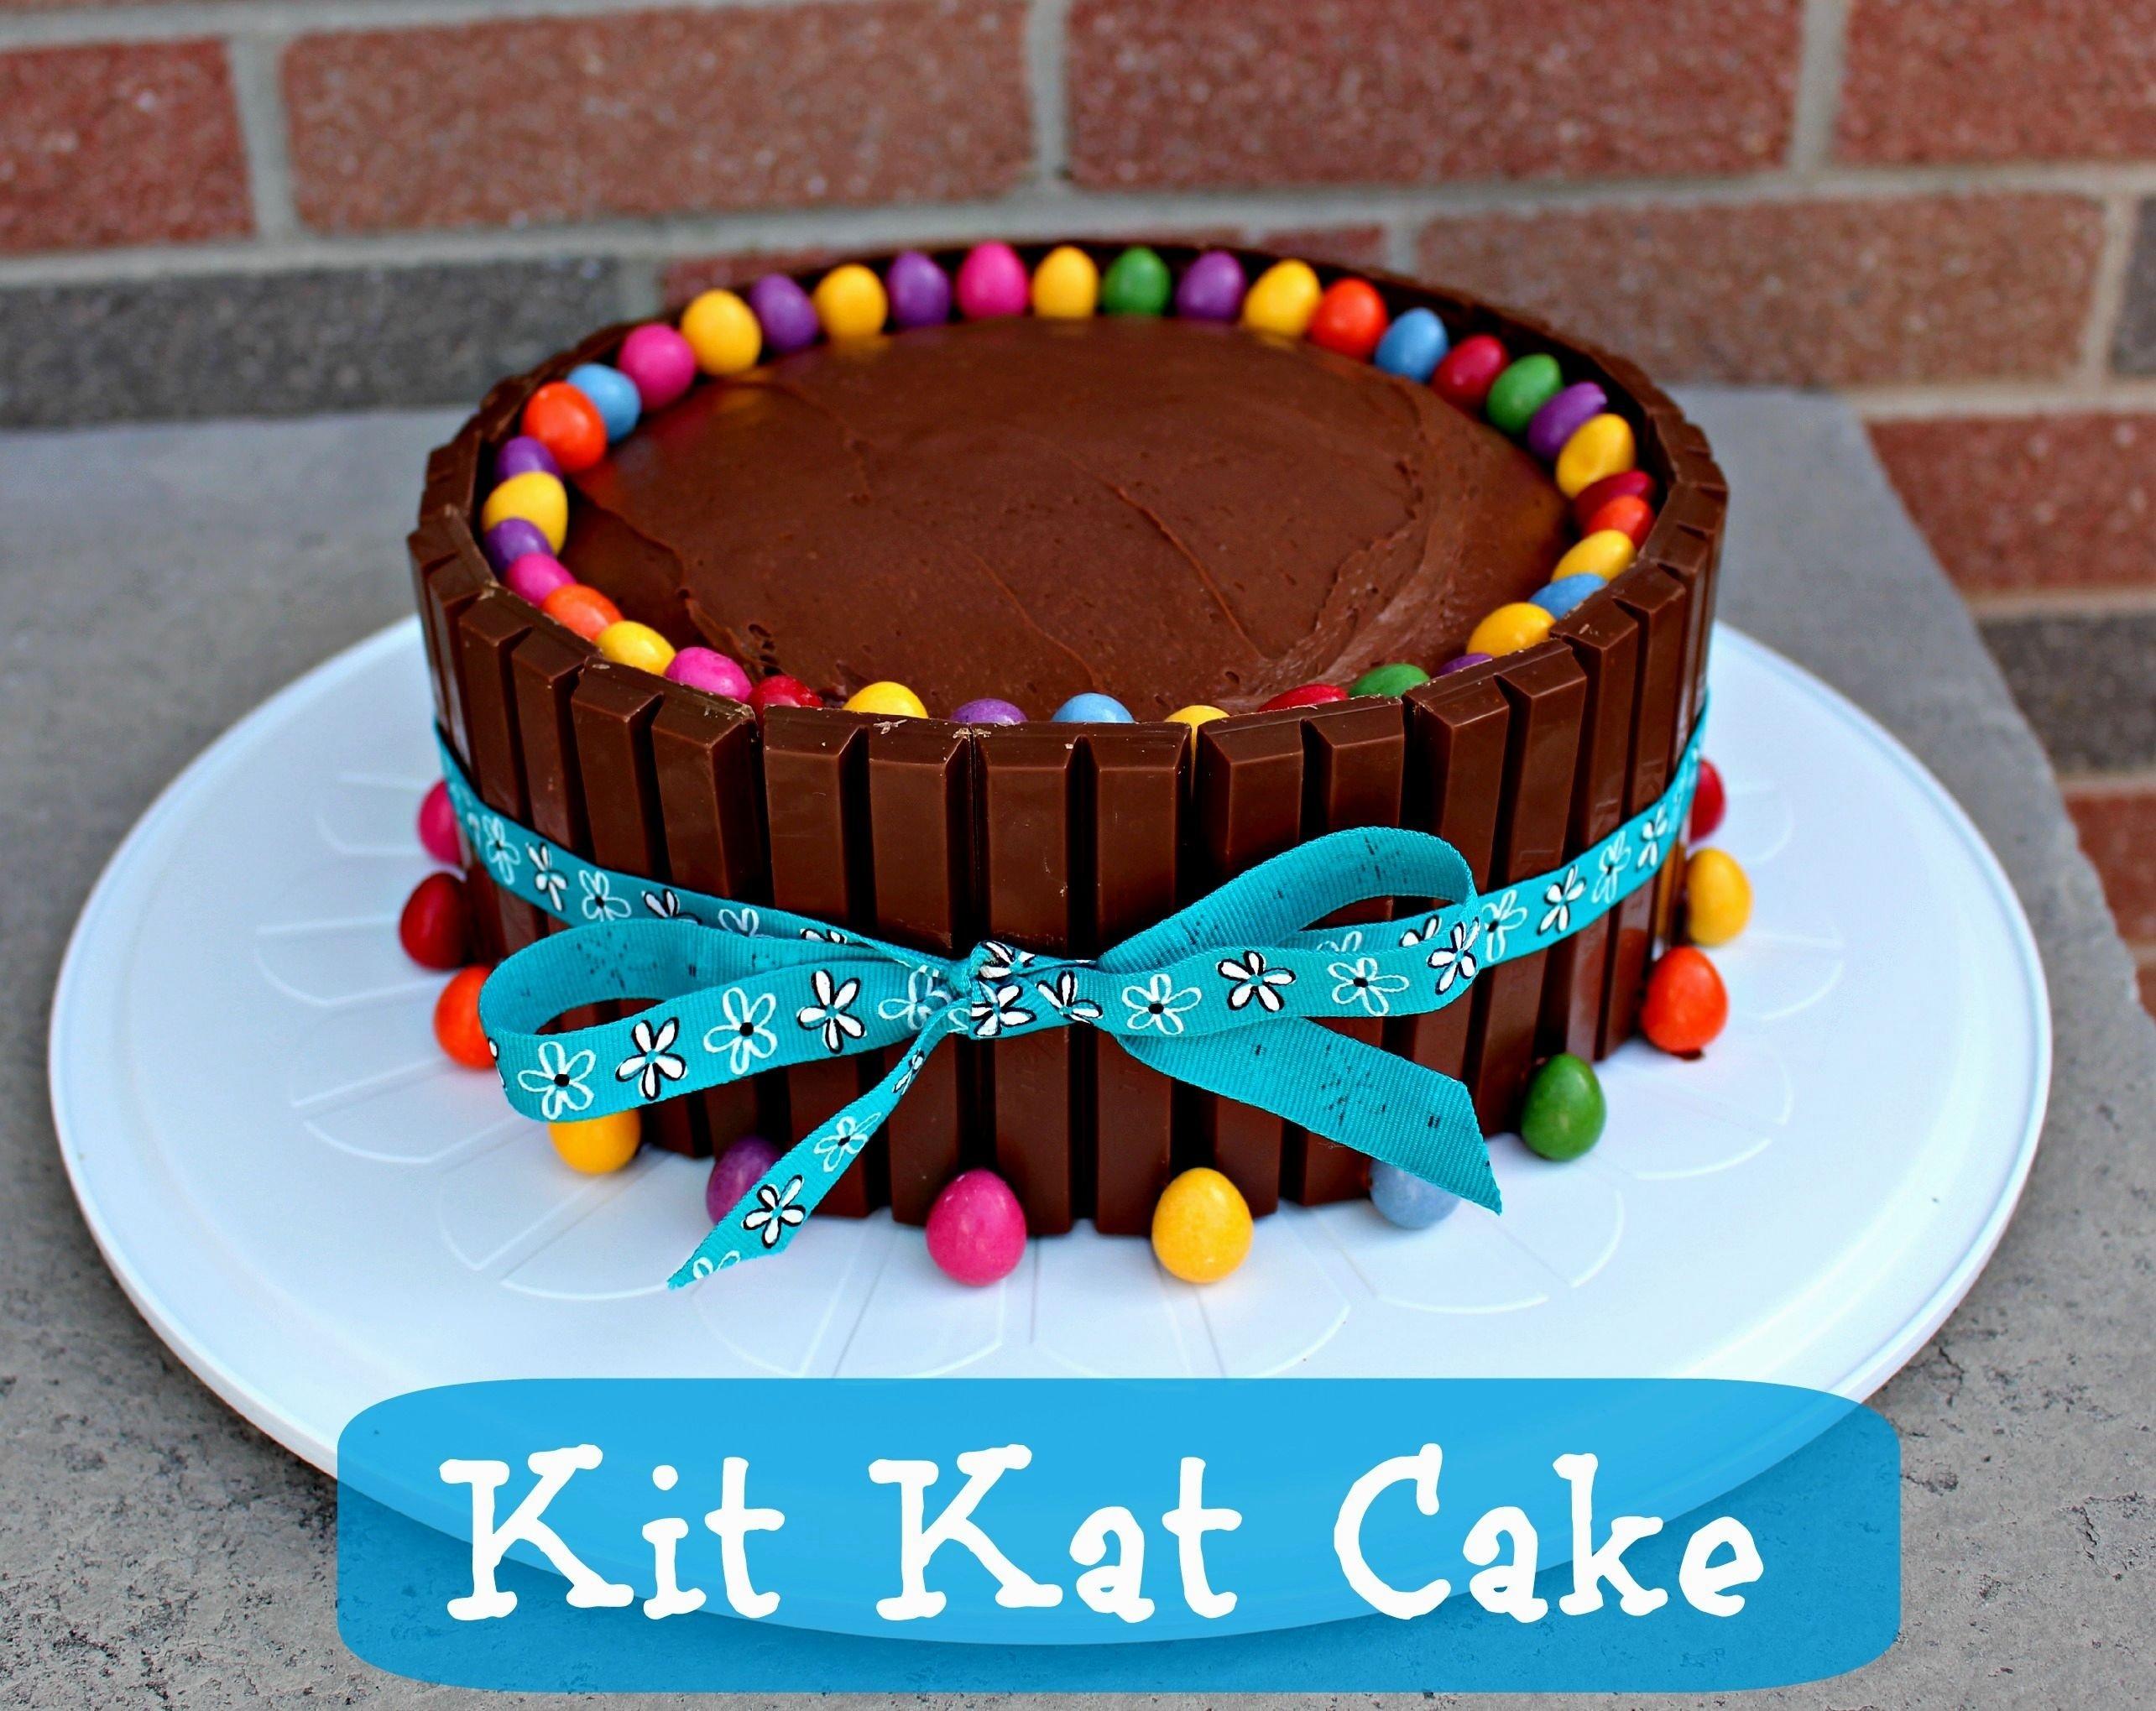 10 Stylish Easy Cake Decorating Ideas For Beginners pleasurable easy cake decorating ideas for beginners opulent cake 2020